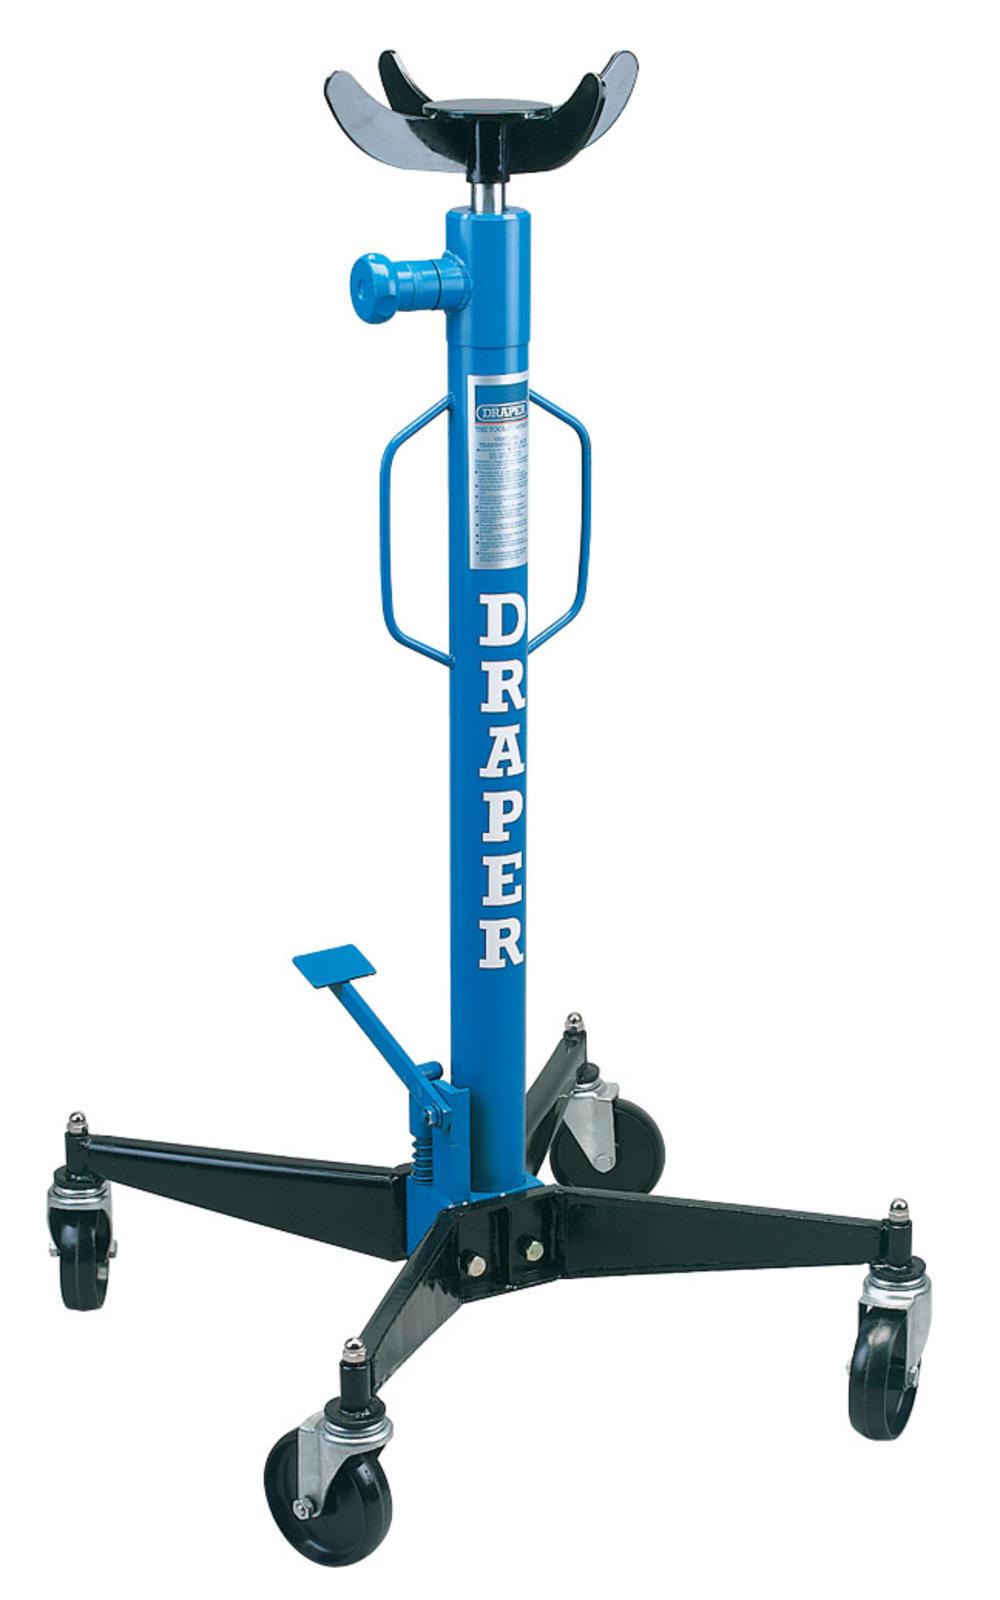 Pipe Jack Stands >> Draper 56731 TJ600TV 600kg Vertical Transmission Jack ...